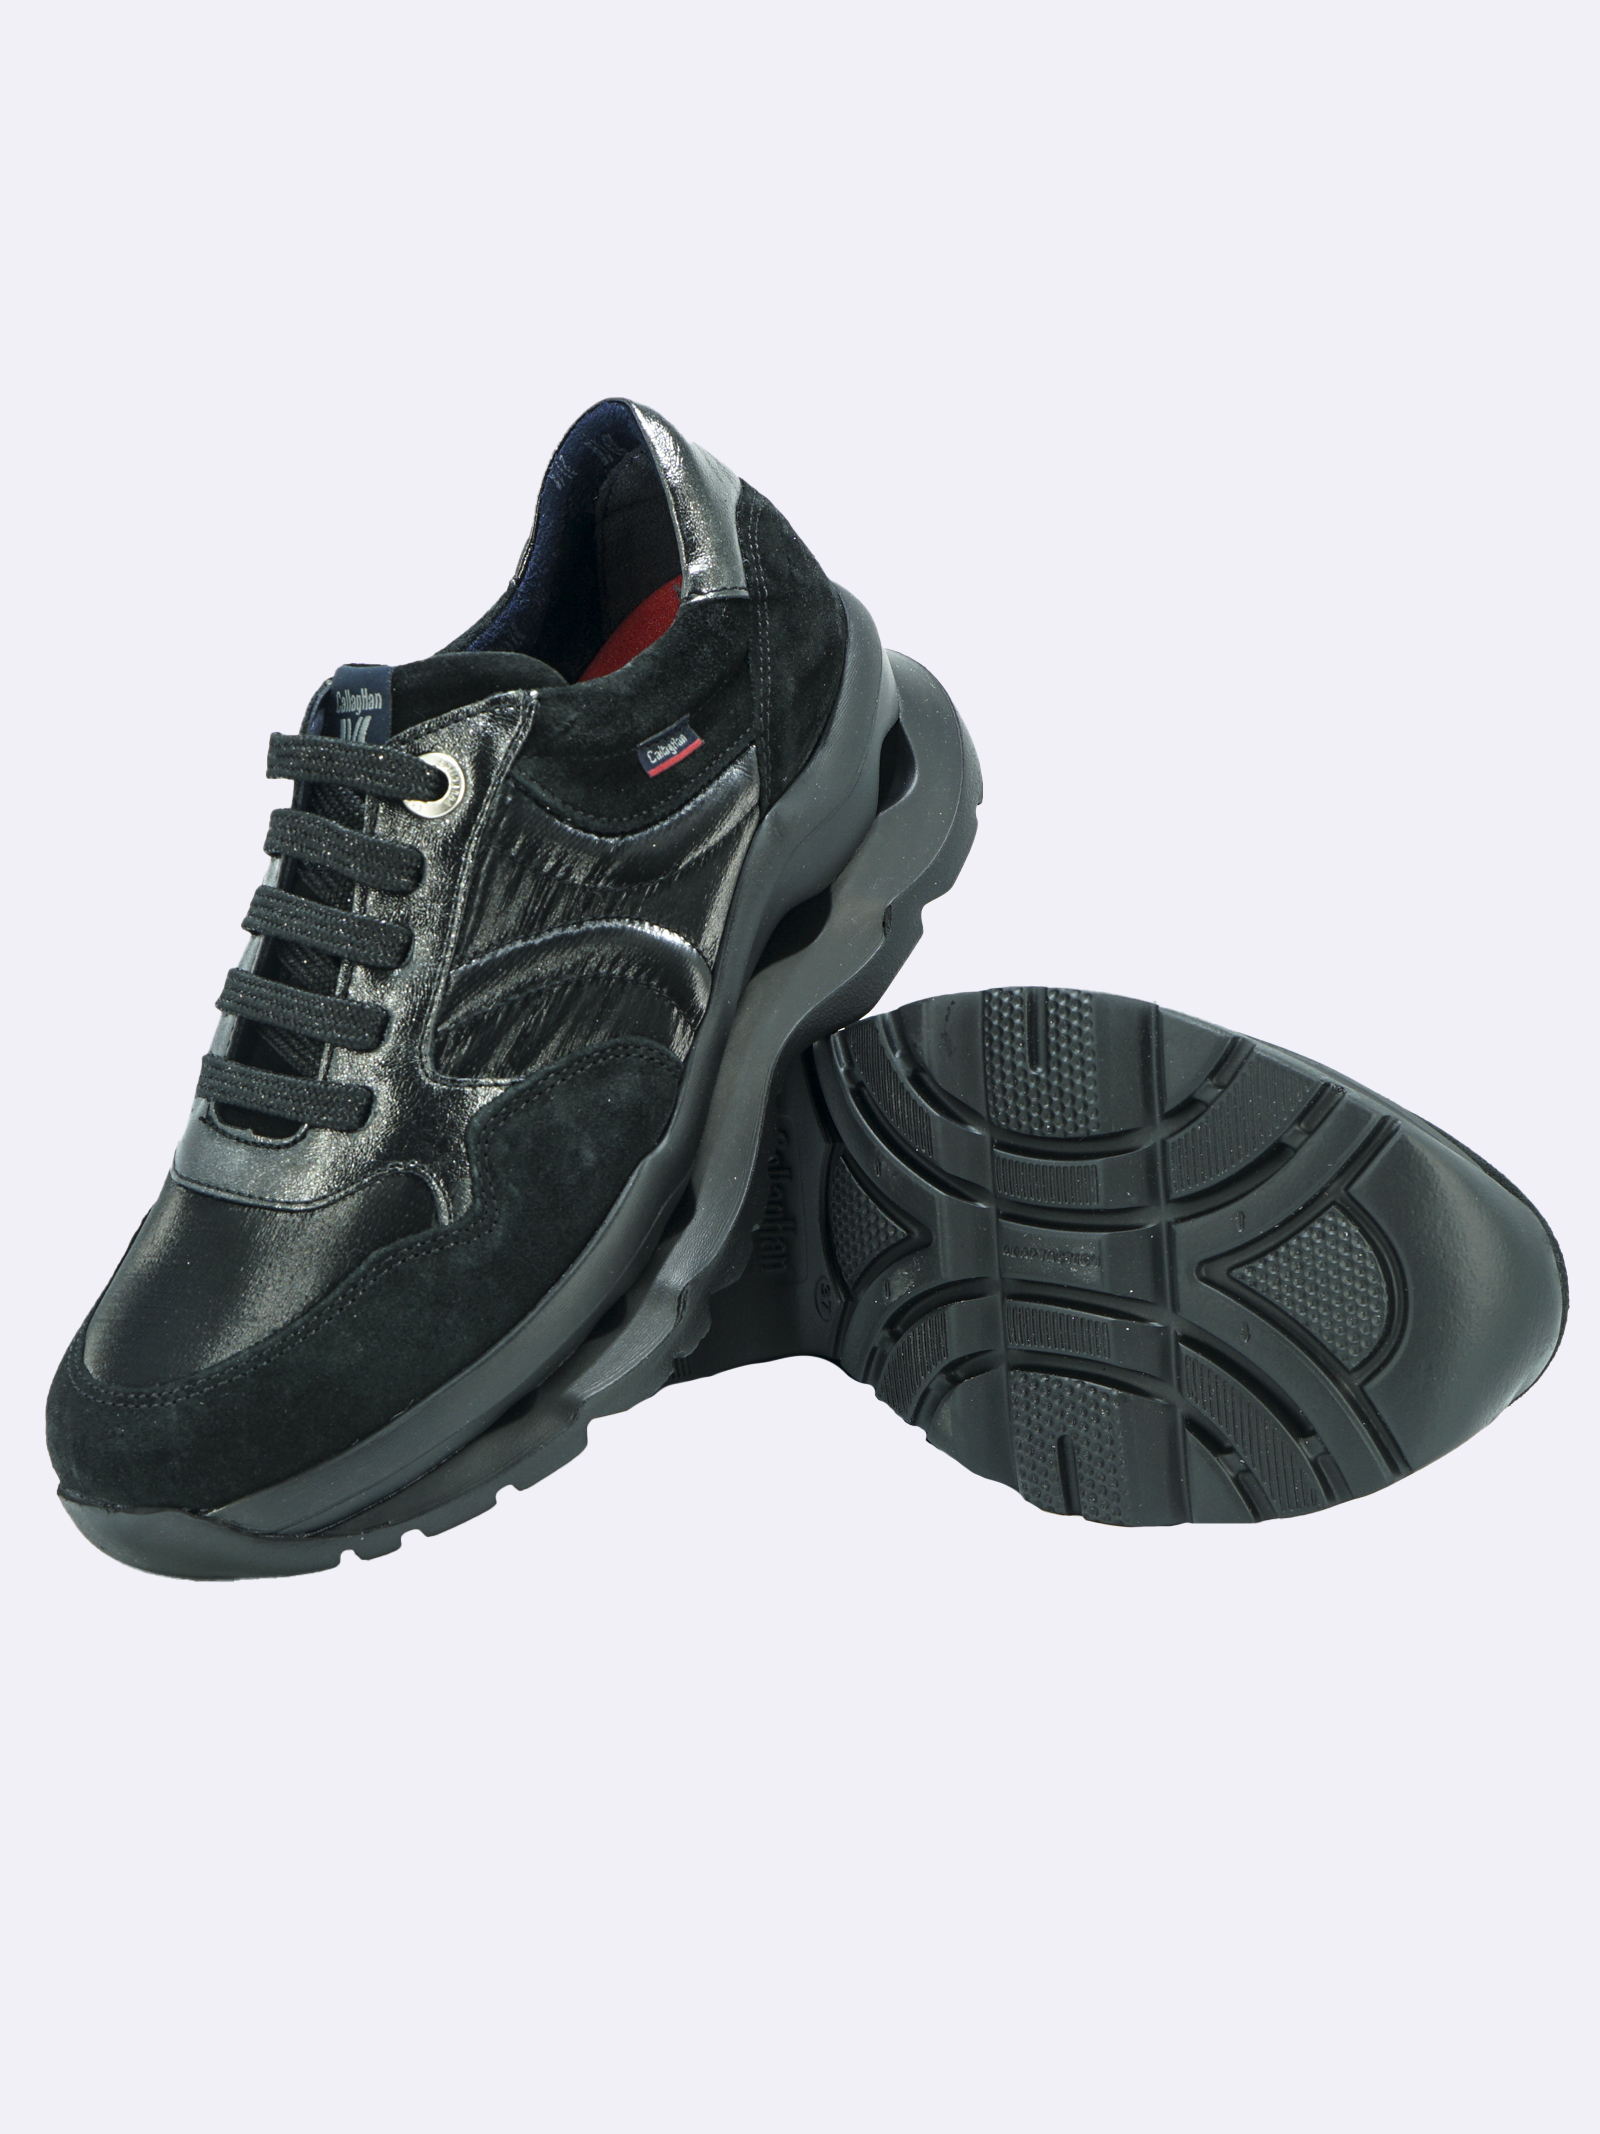 Sneakers Donna in Pelle Nera con Plantare Estraibile Callaghan | Sneakers | 18810NERO